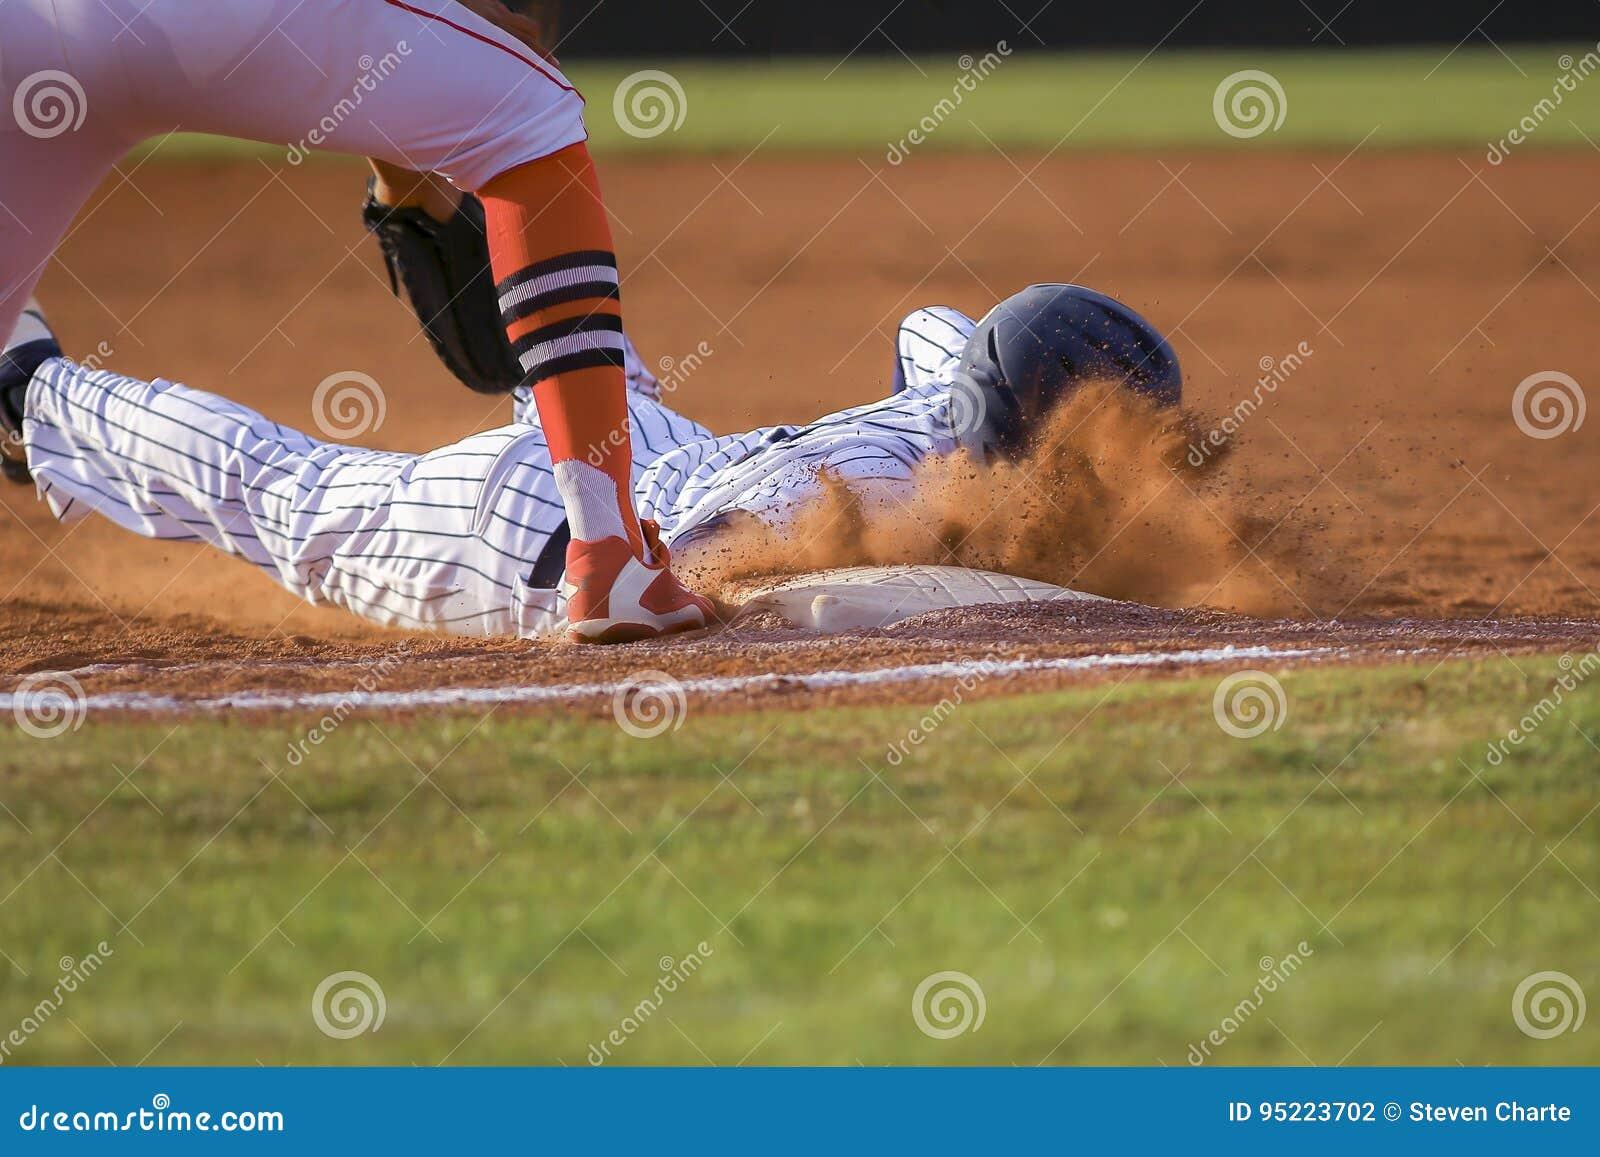 Jugador de béisbol que desliza la primera base